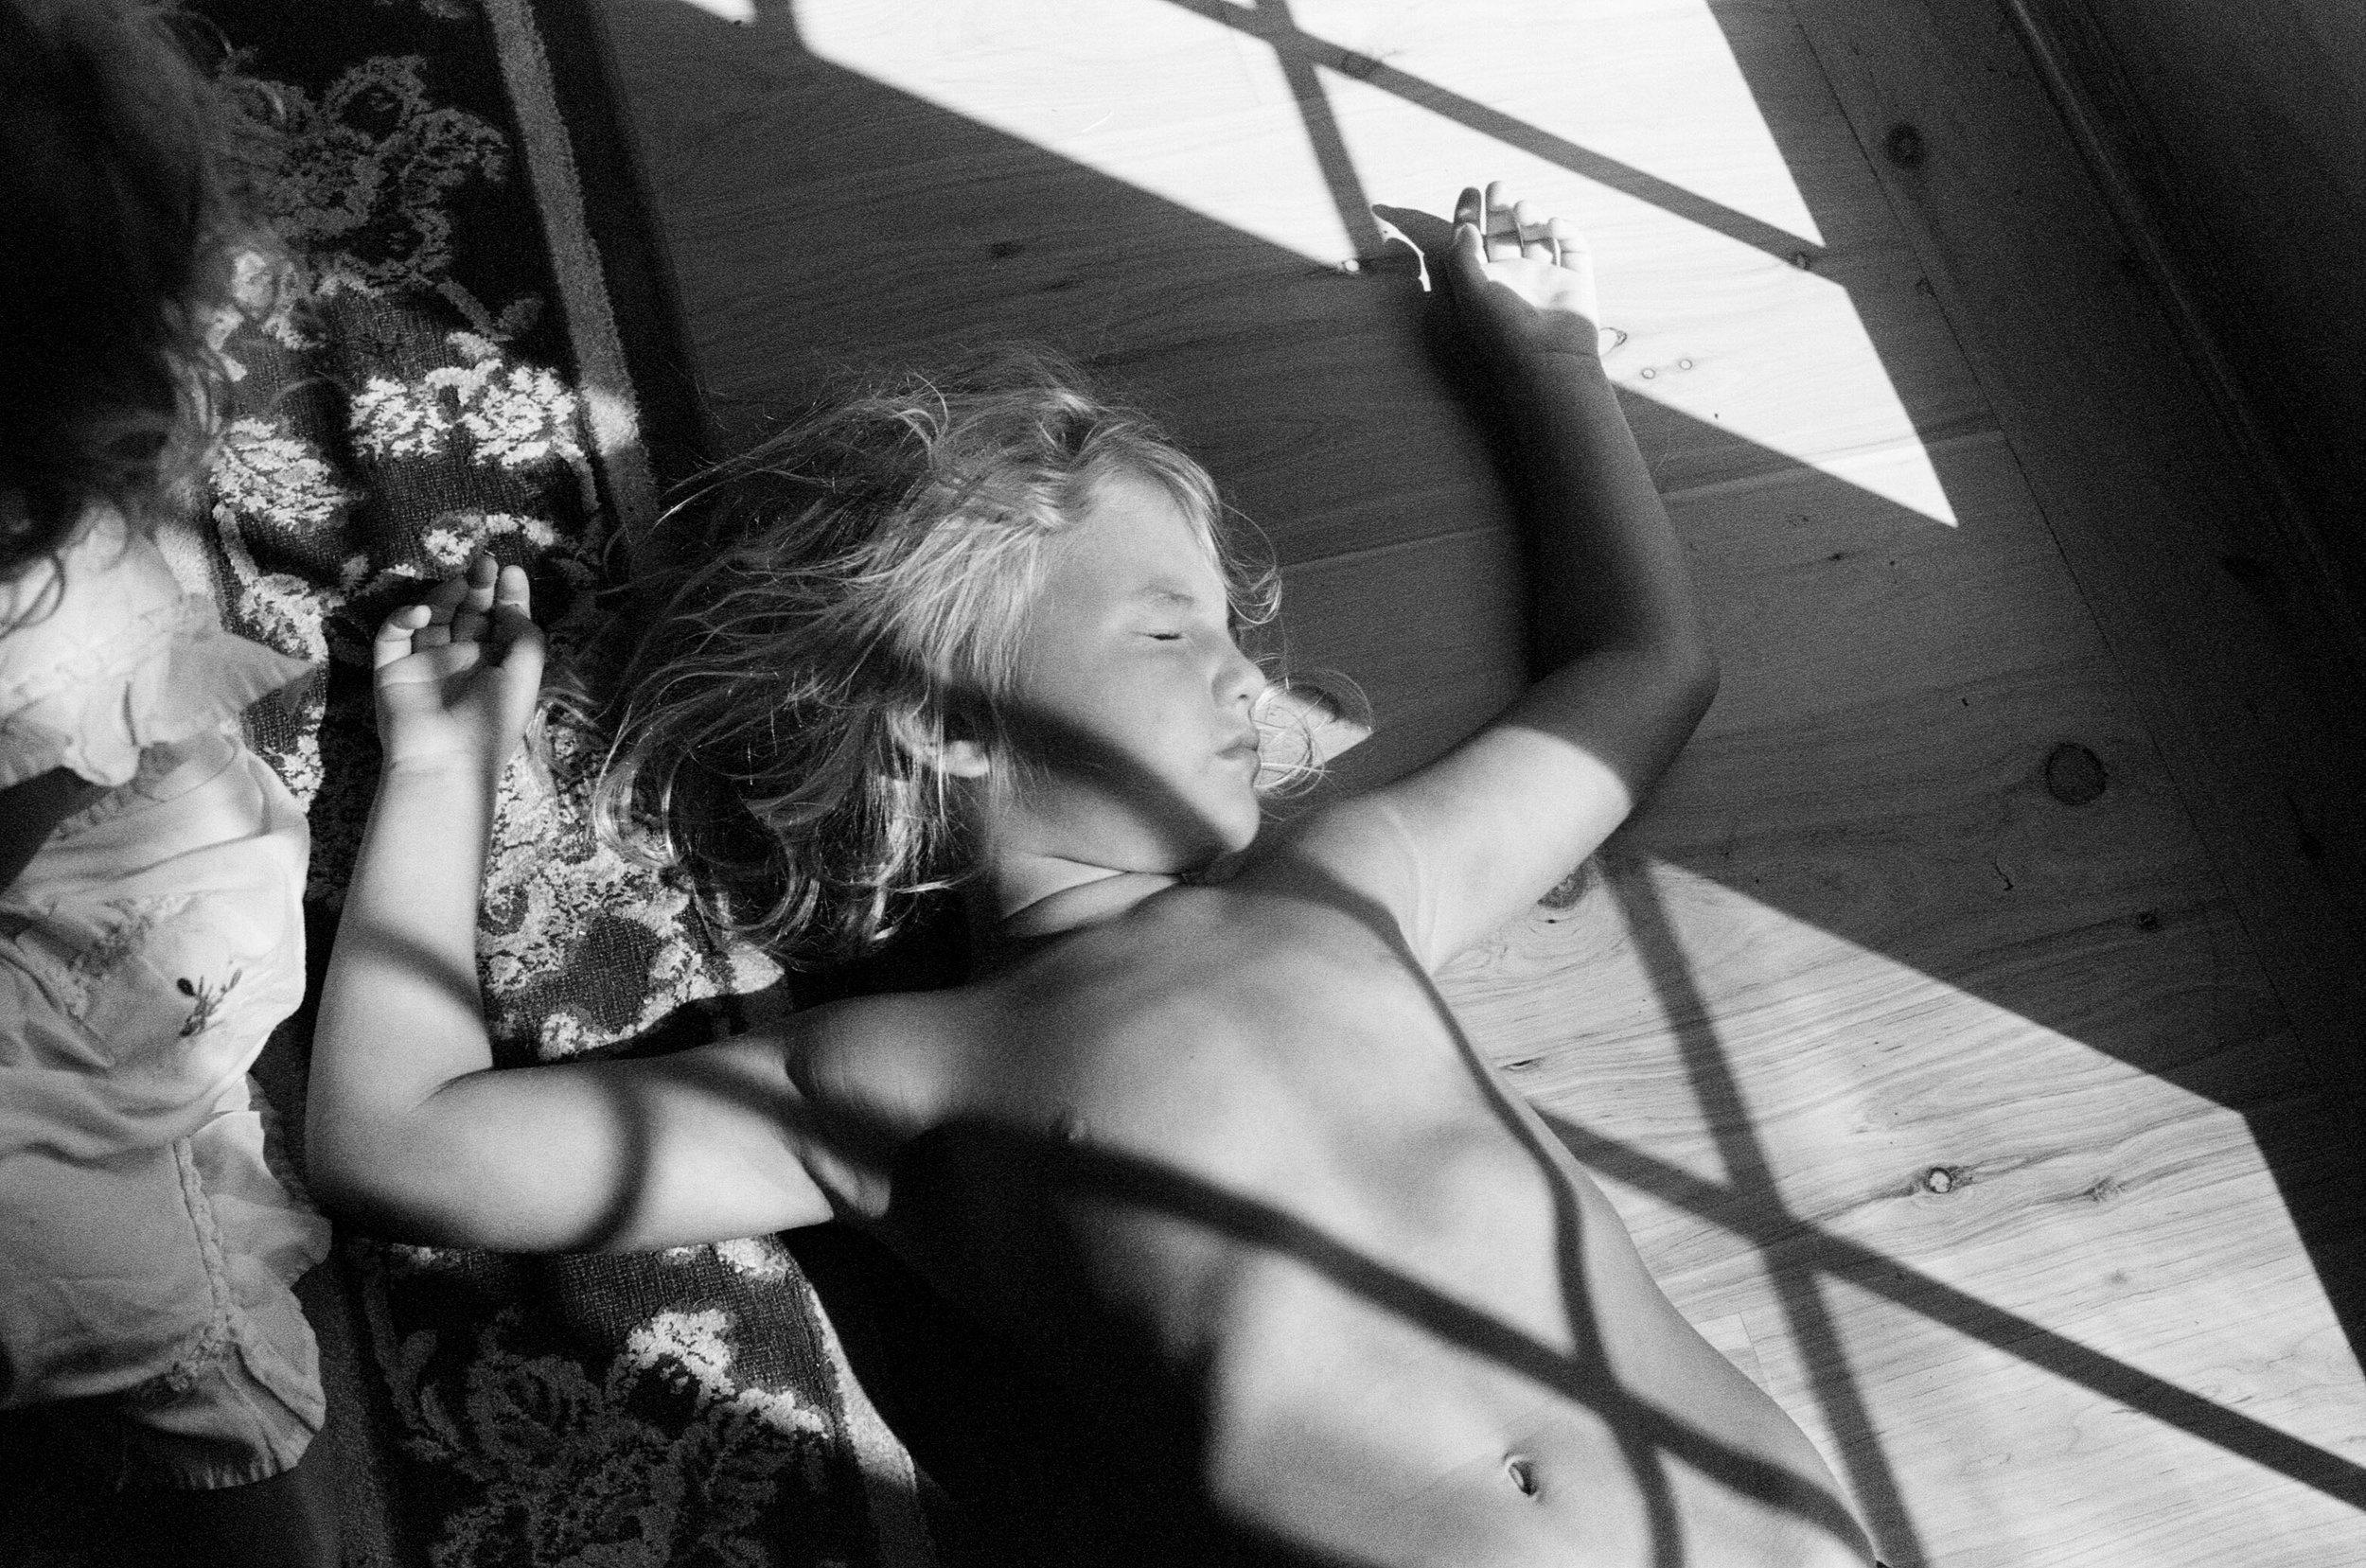 summer_on_film-7.jpg